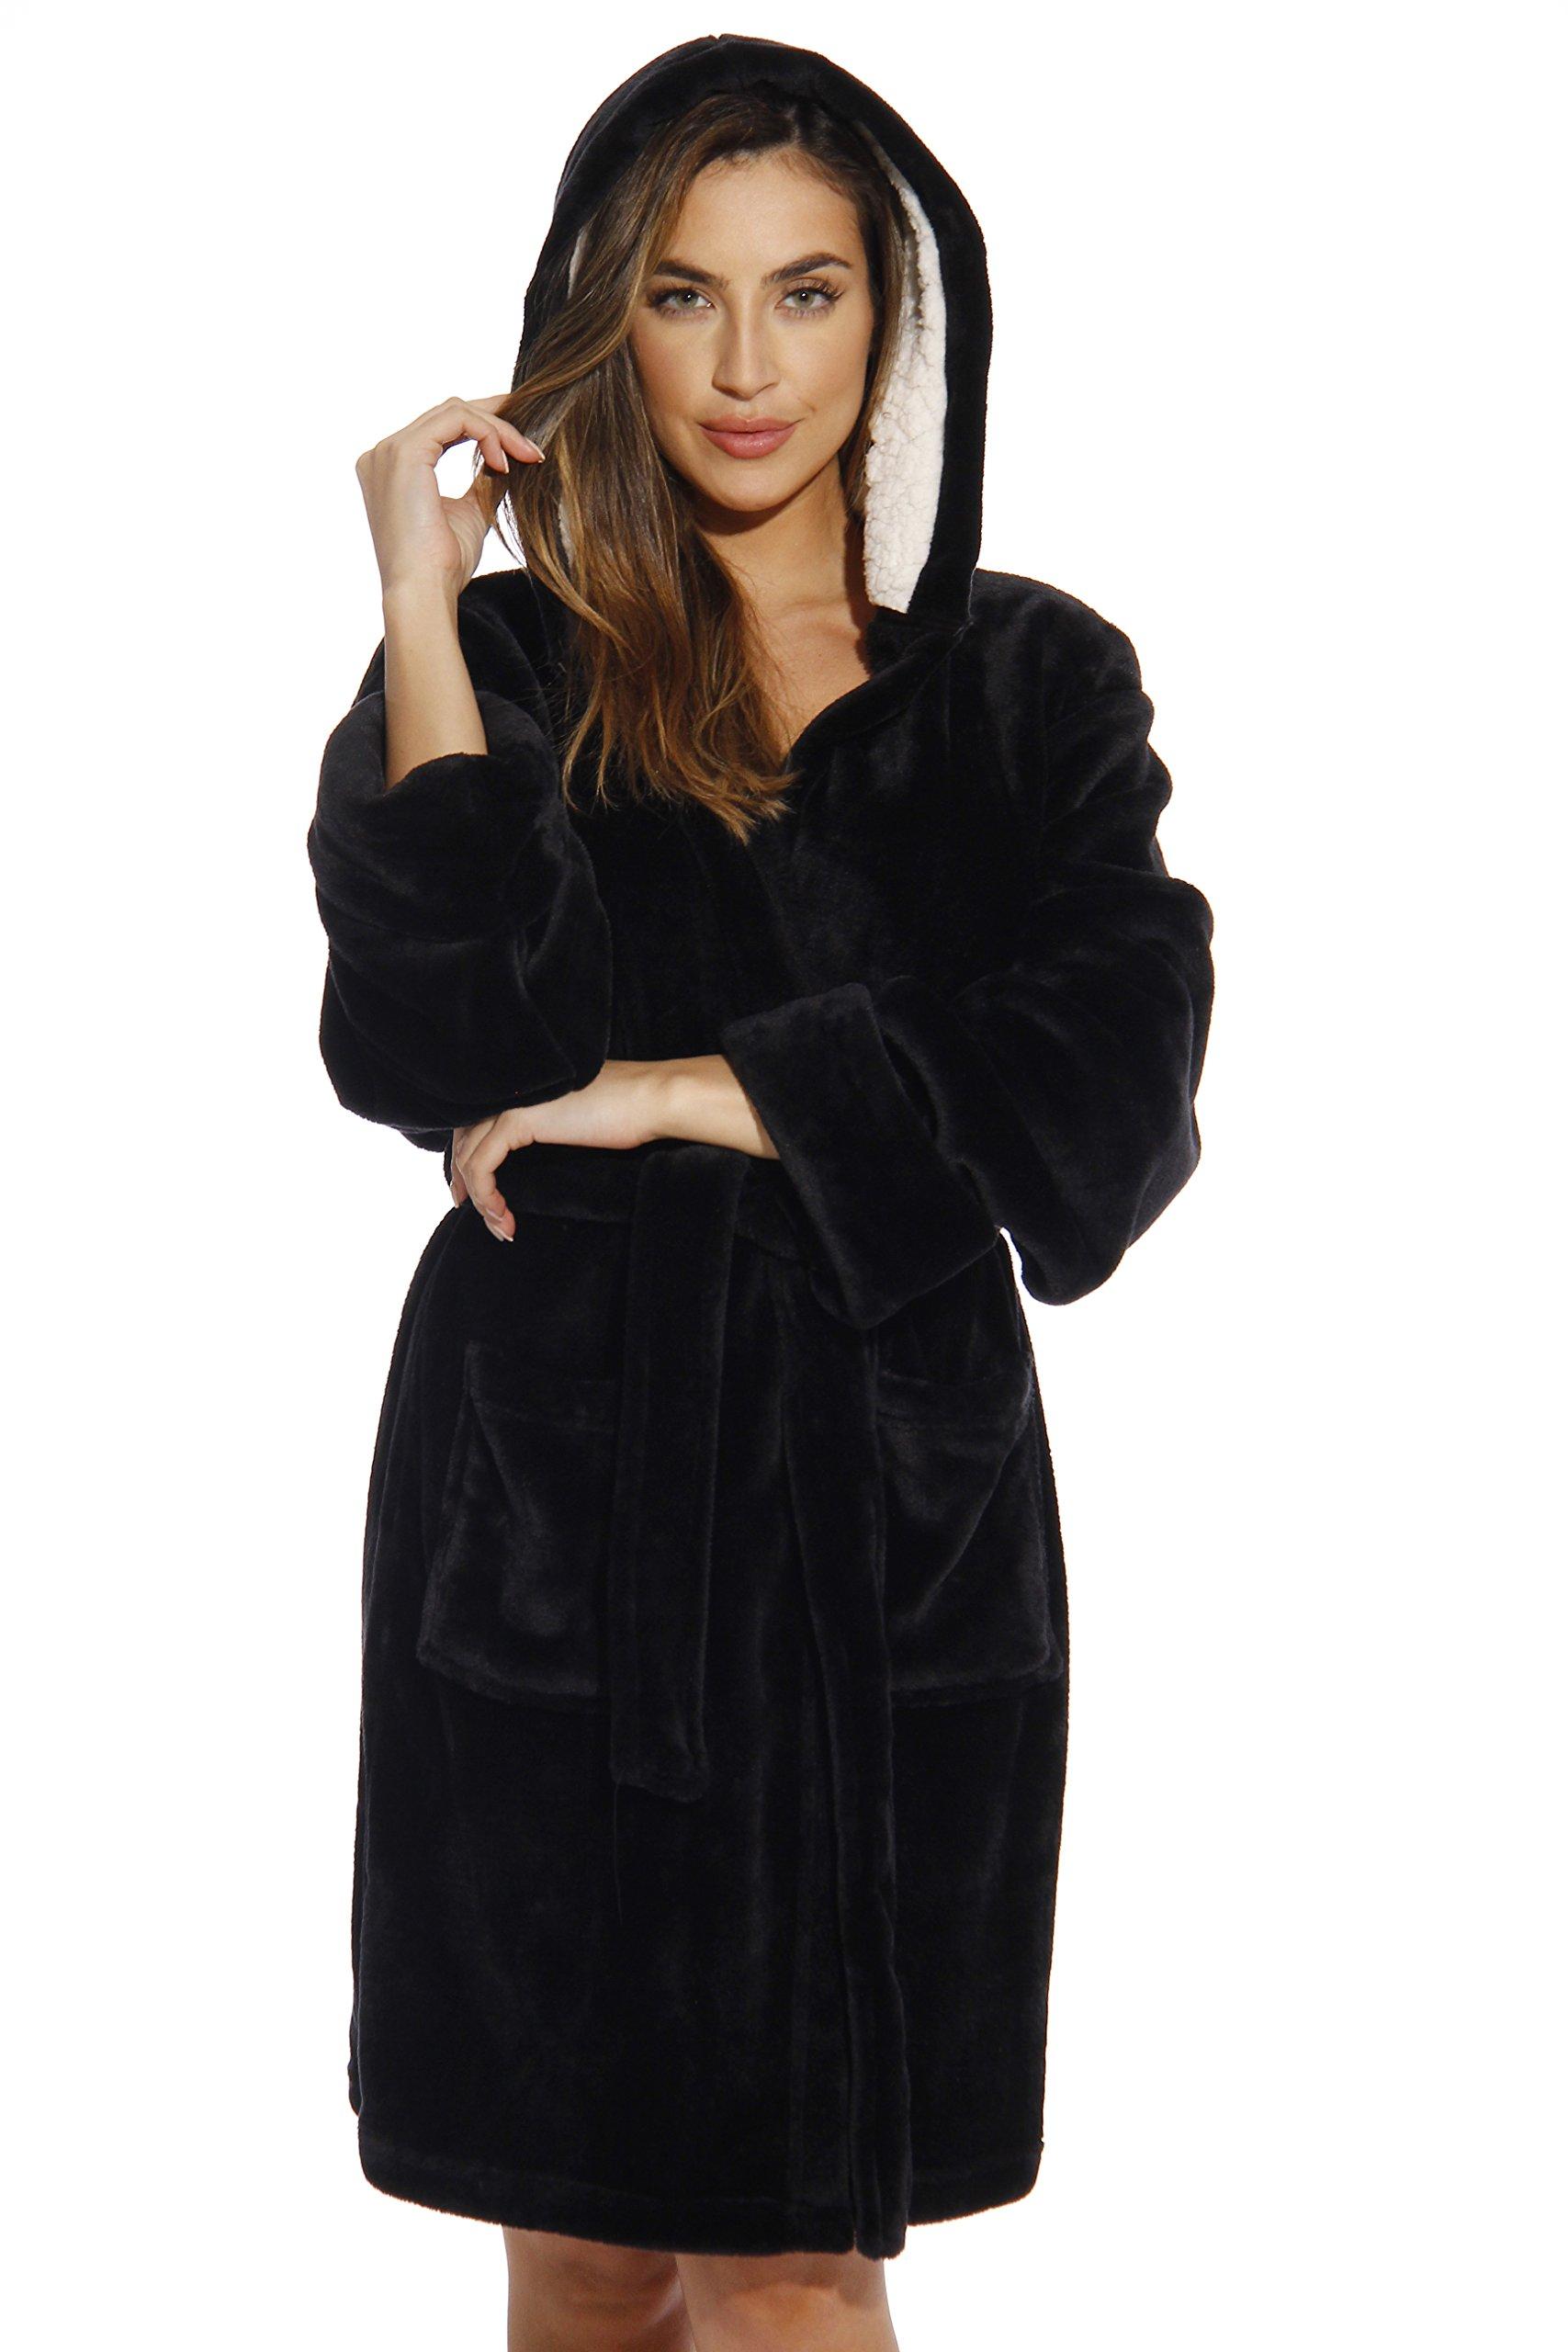 6364-BLK-L Just Love Kimono Robe / Bath Robes for Women